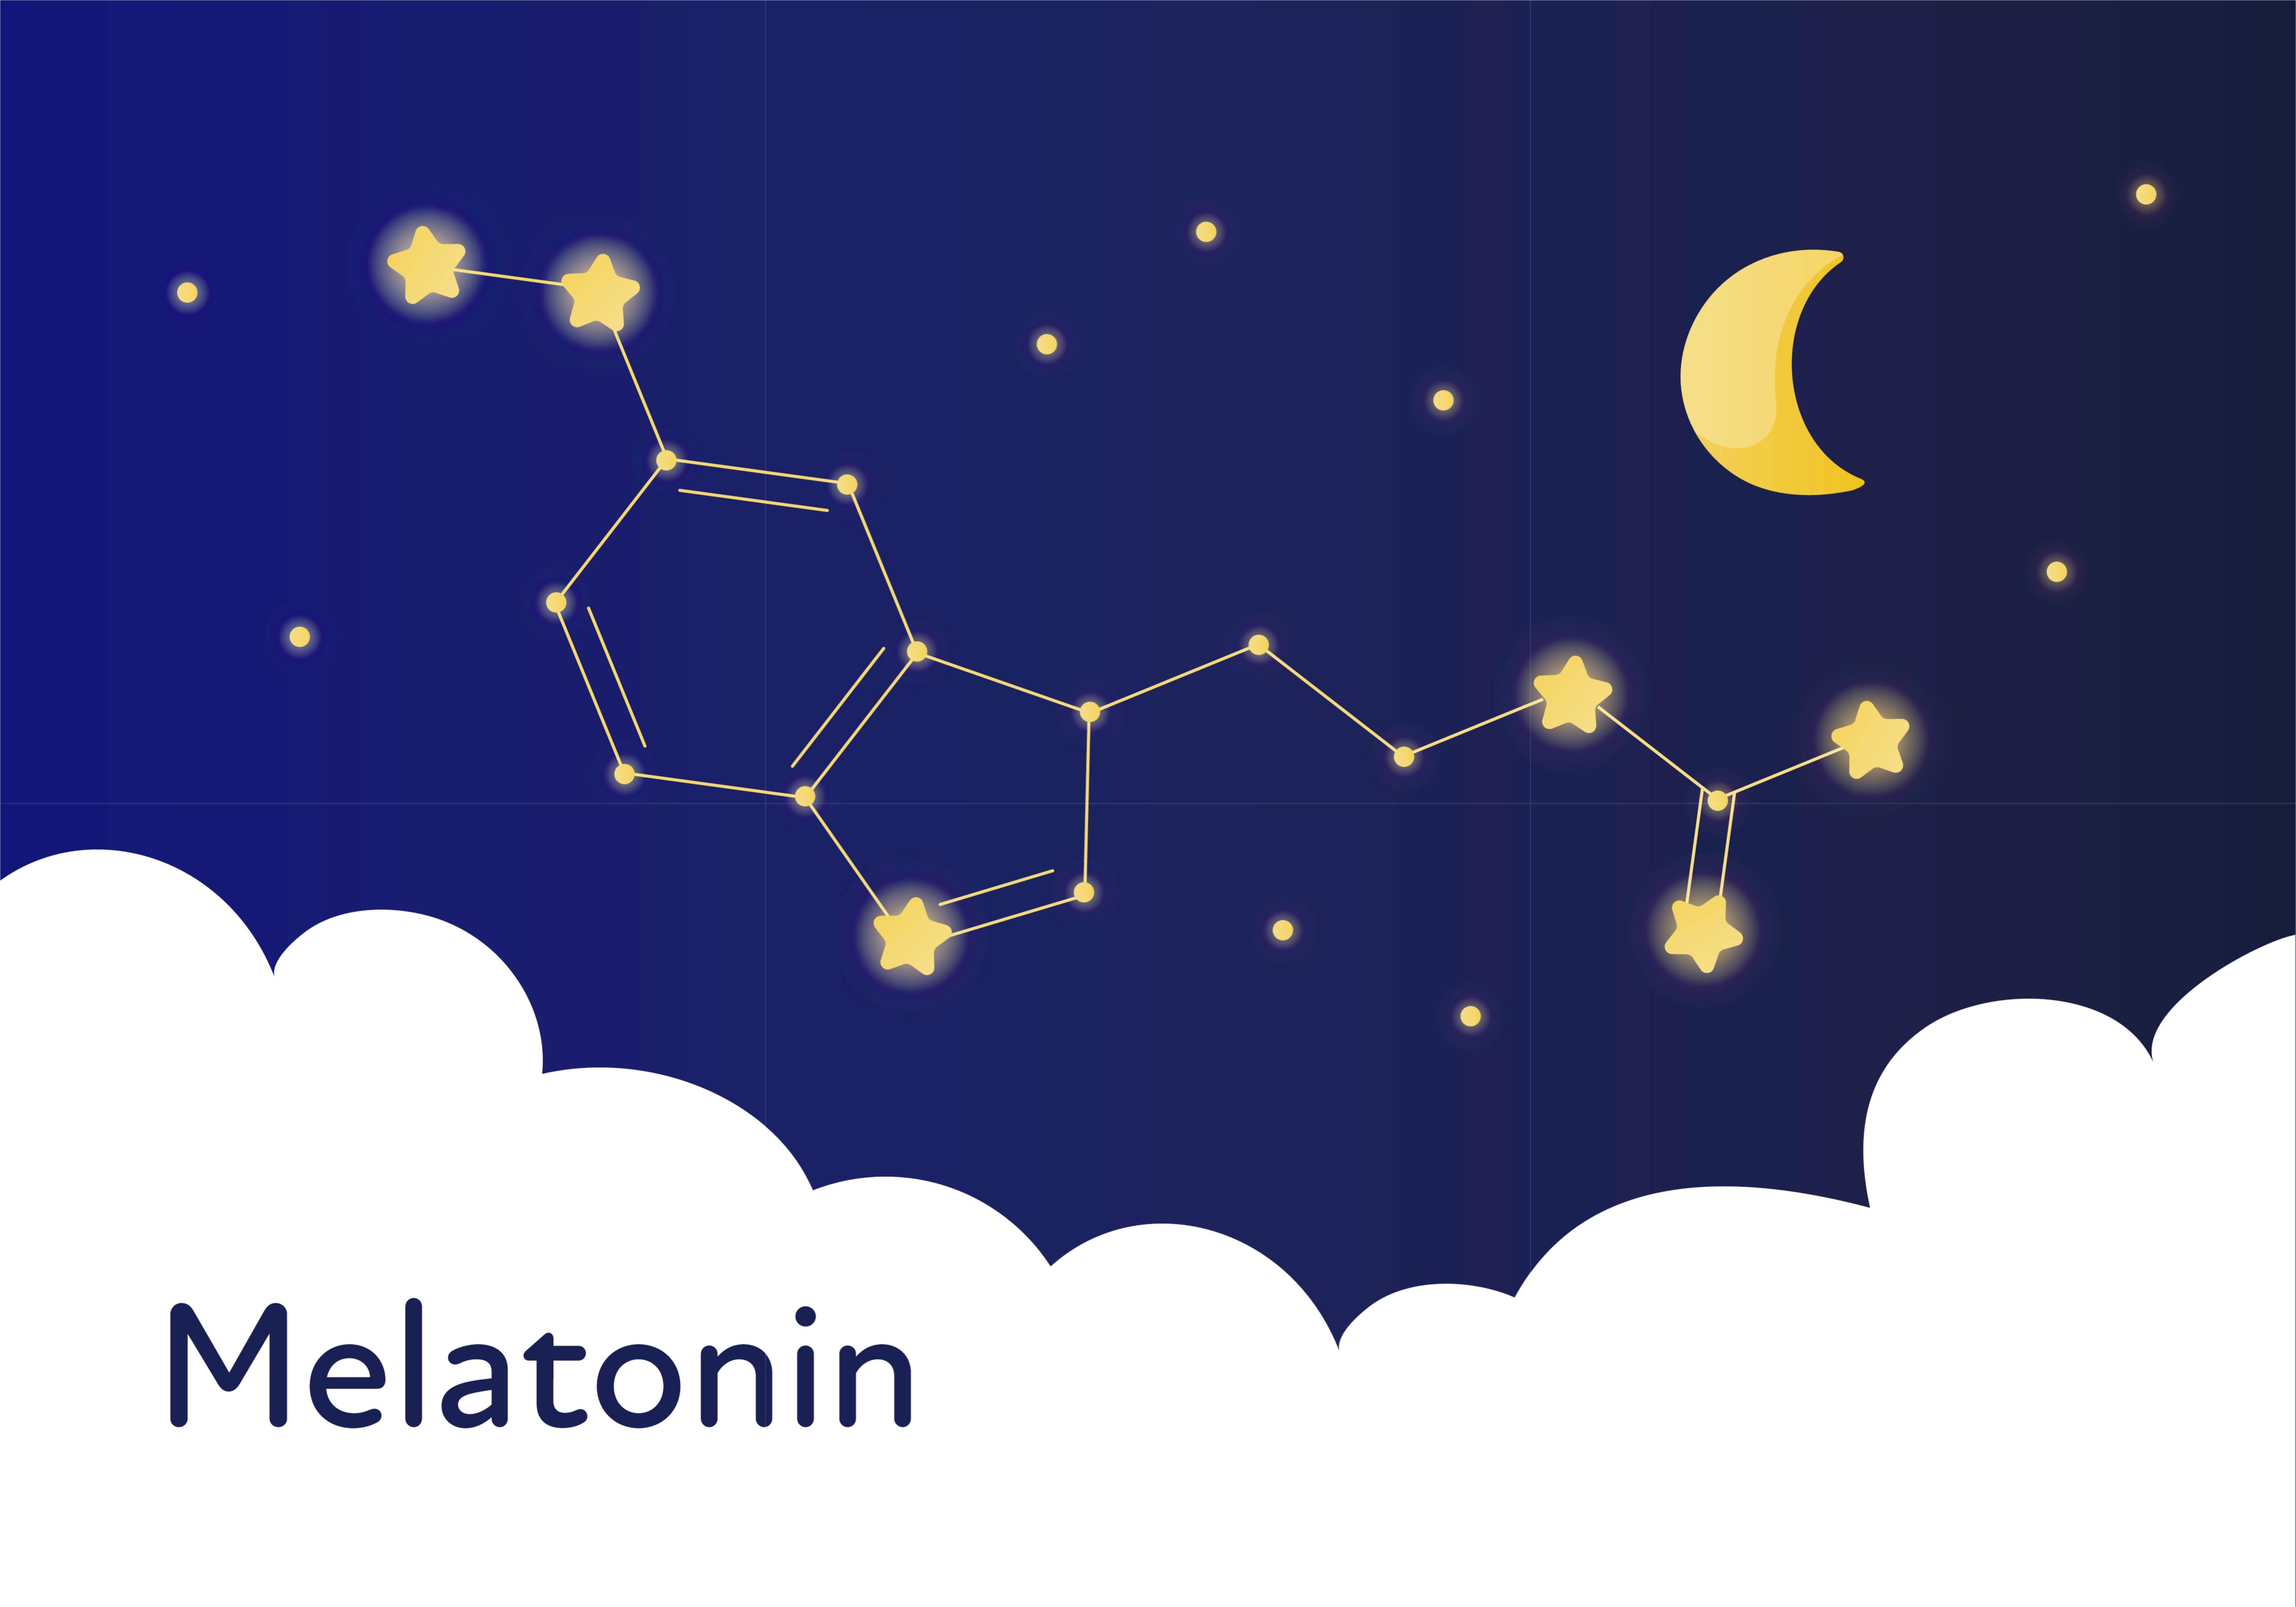 melatonin as a sleep aid